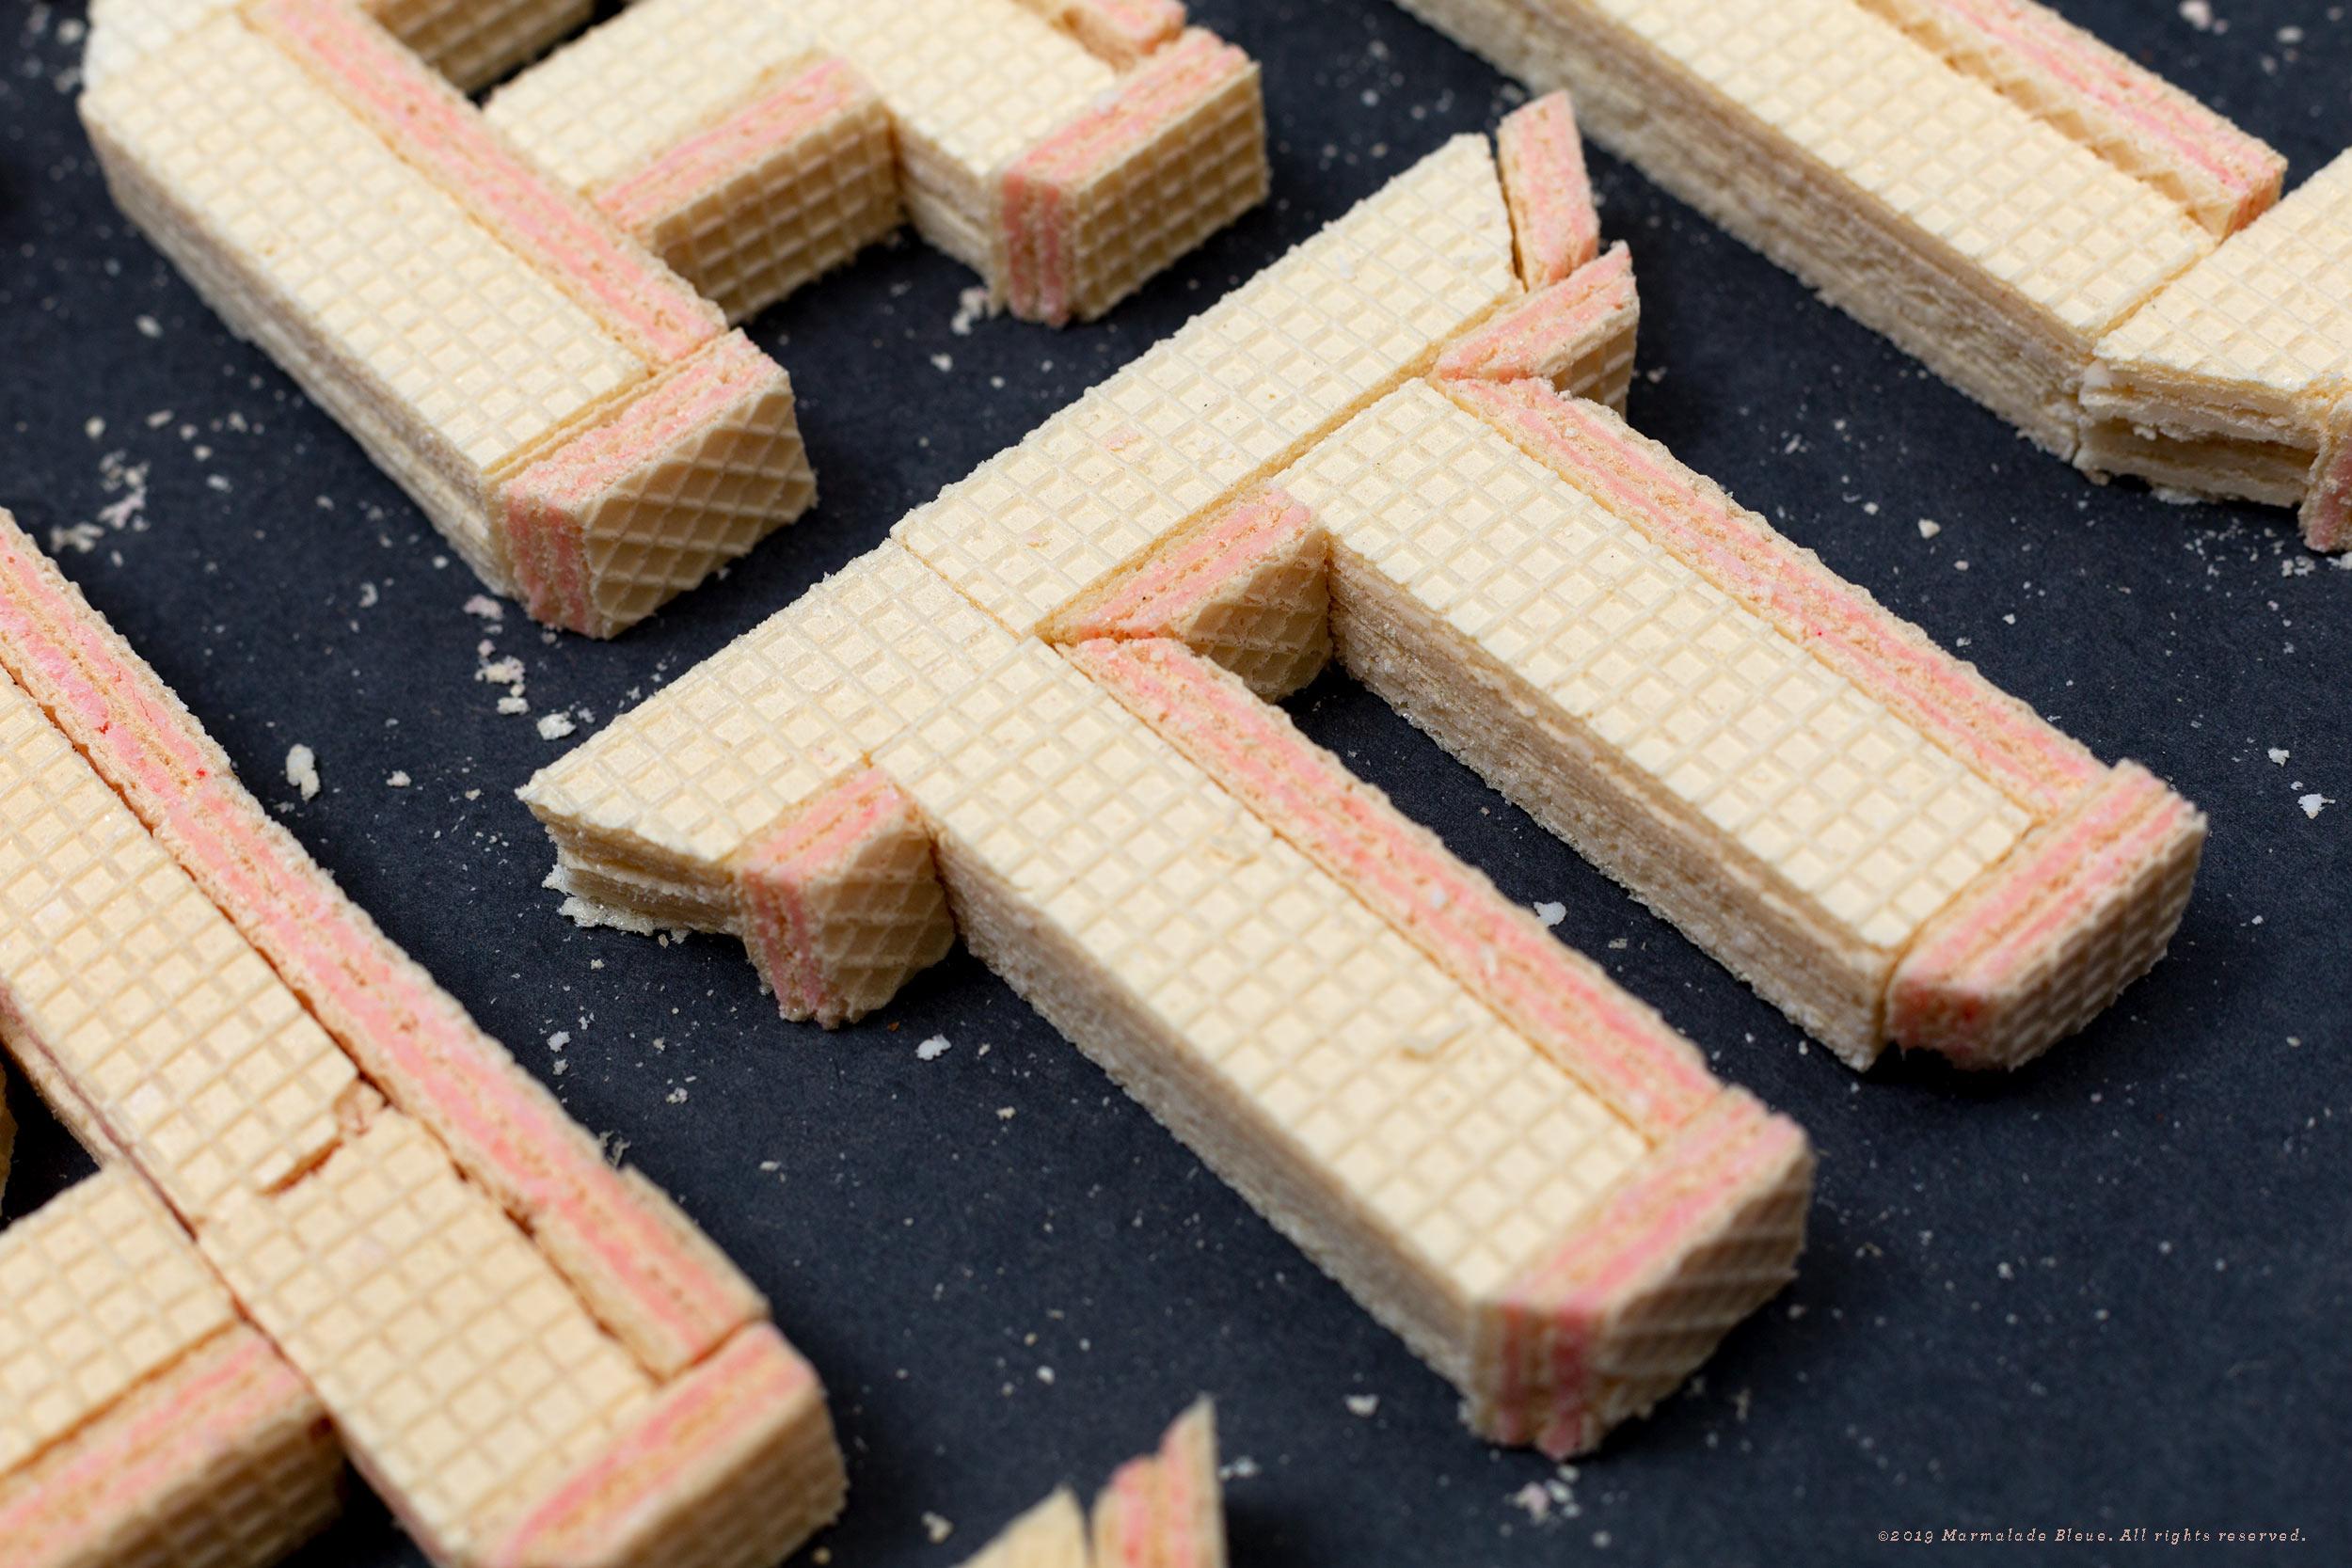 Snack-Attack-TT-DEvans.jpg